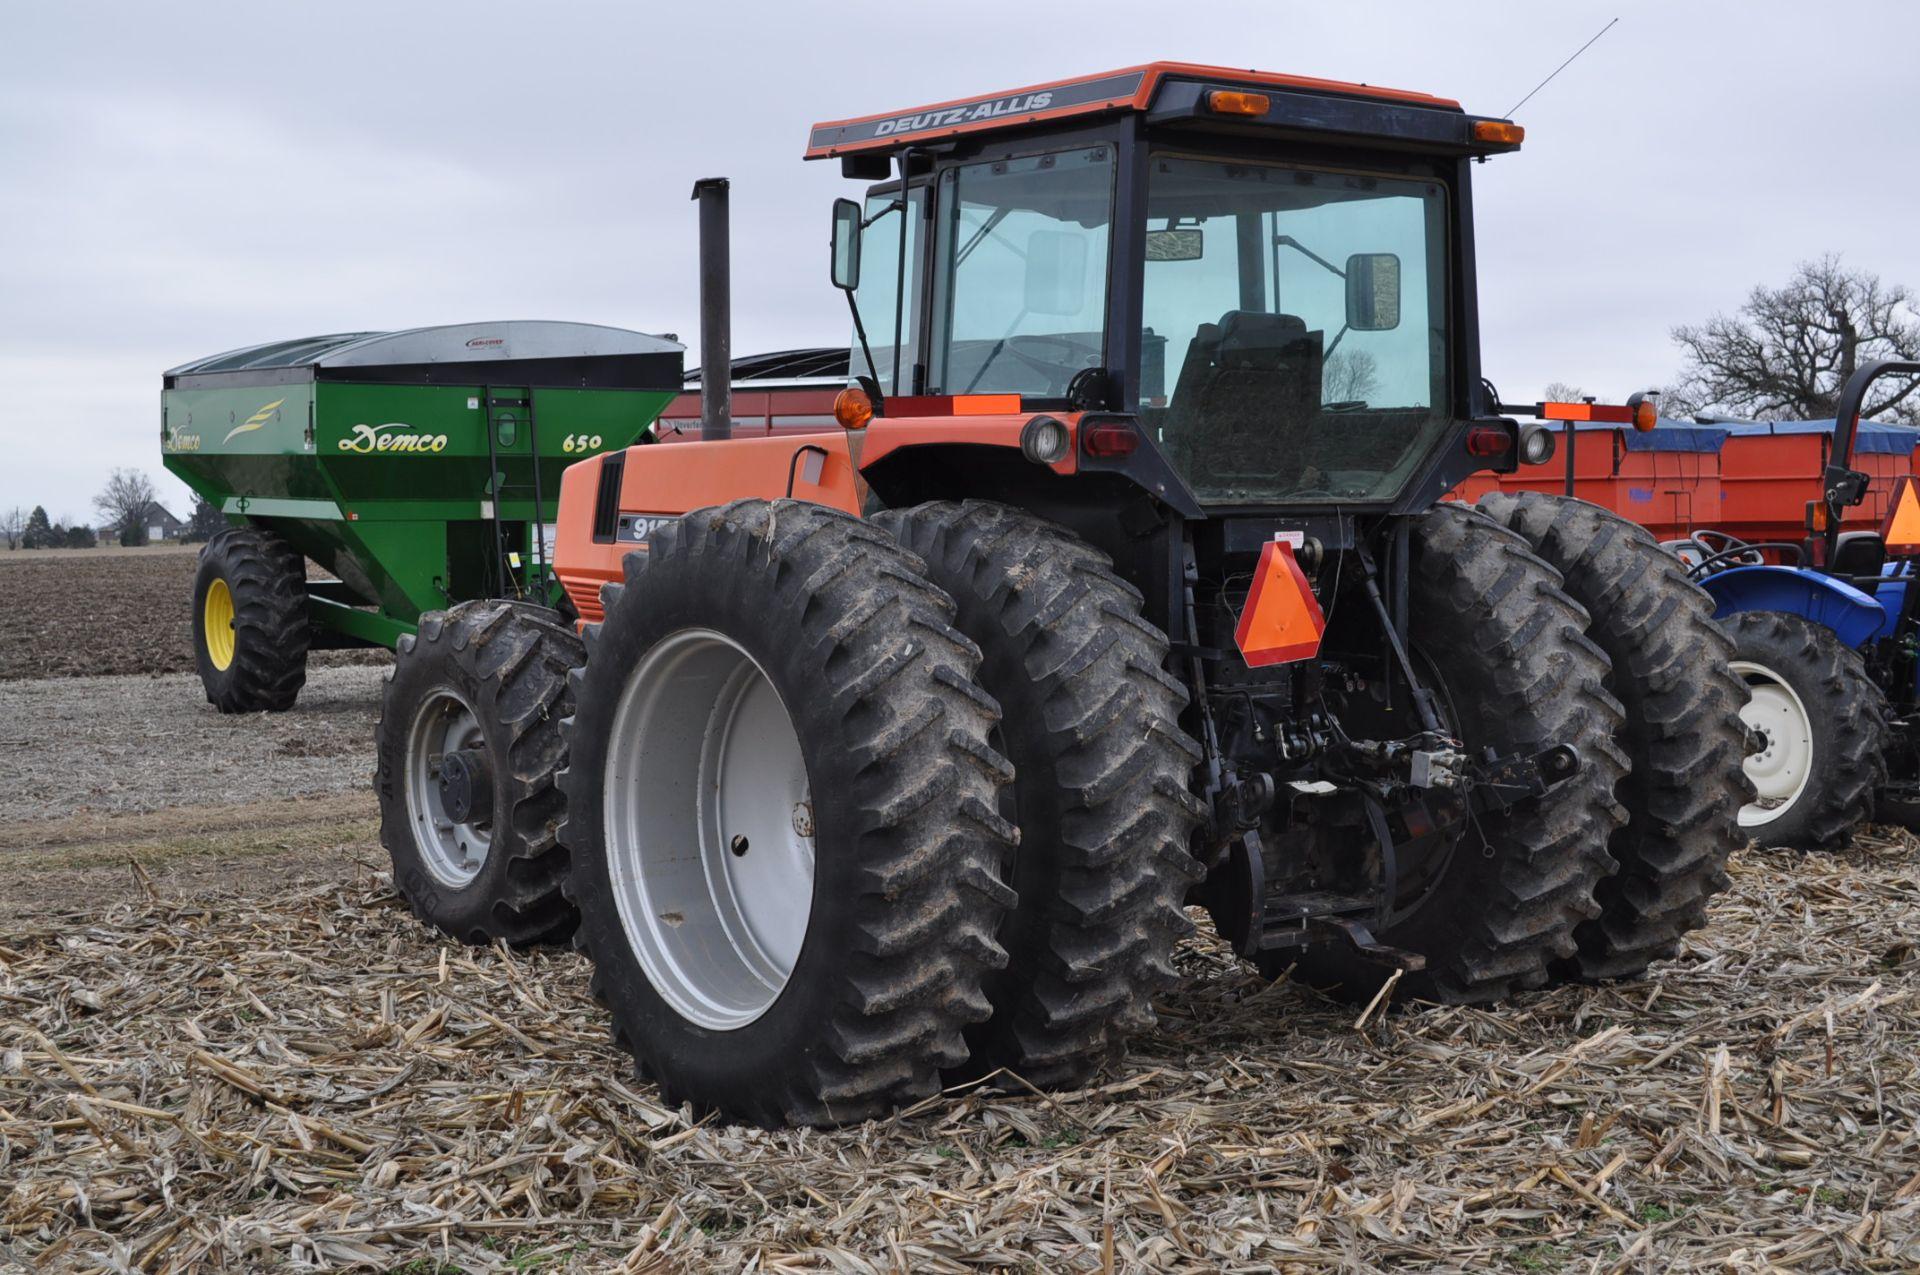 Deutz Allis 9150 tractor, MFWD, 18.4 R 42 duals, 420/85 R 28 tires, 6+3 speed range, 2 hyd - Image 2 of 20